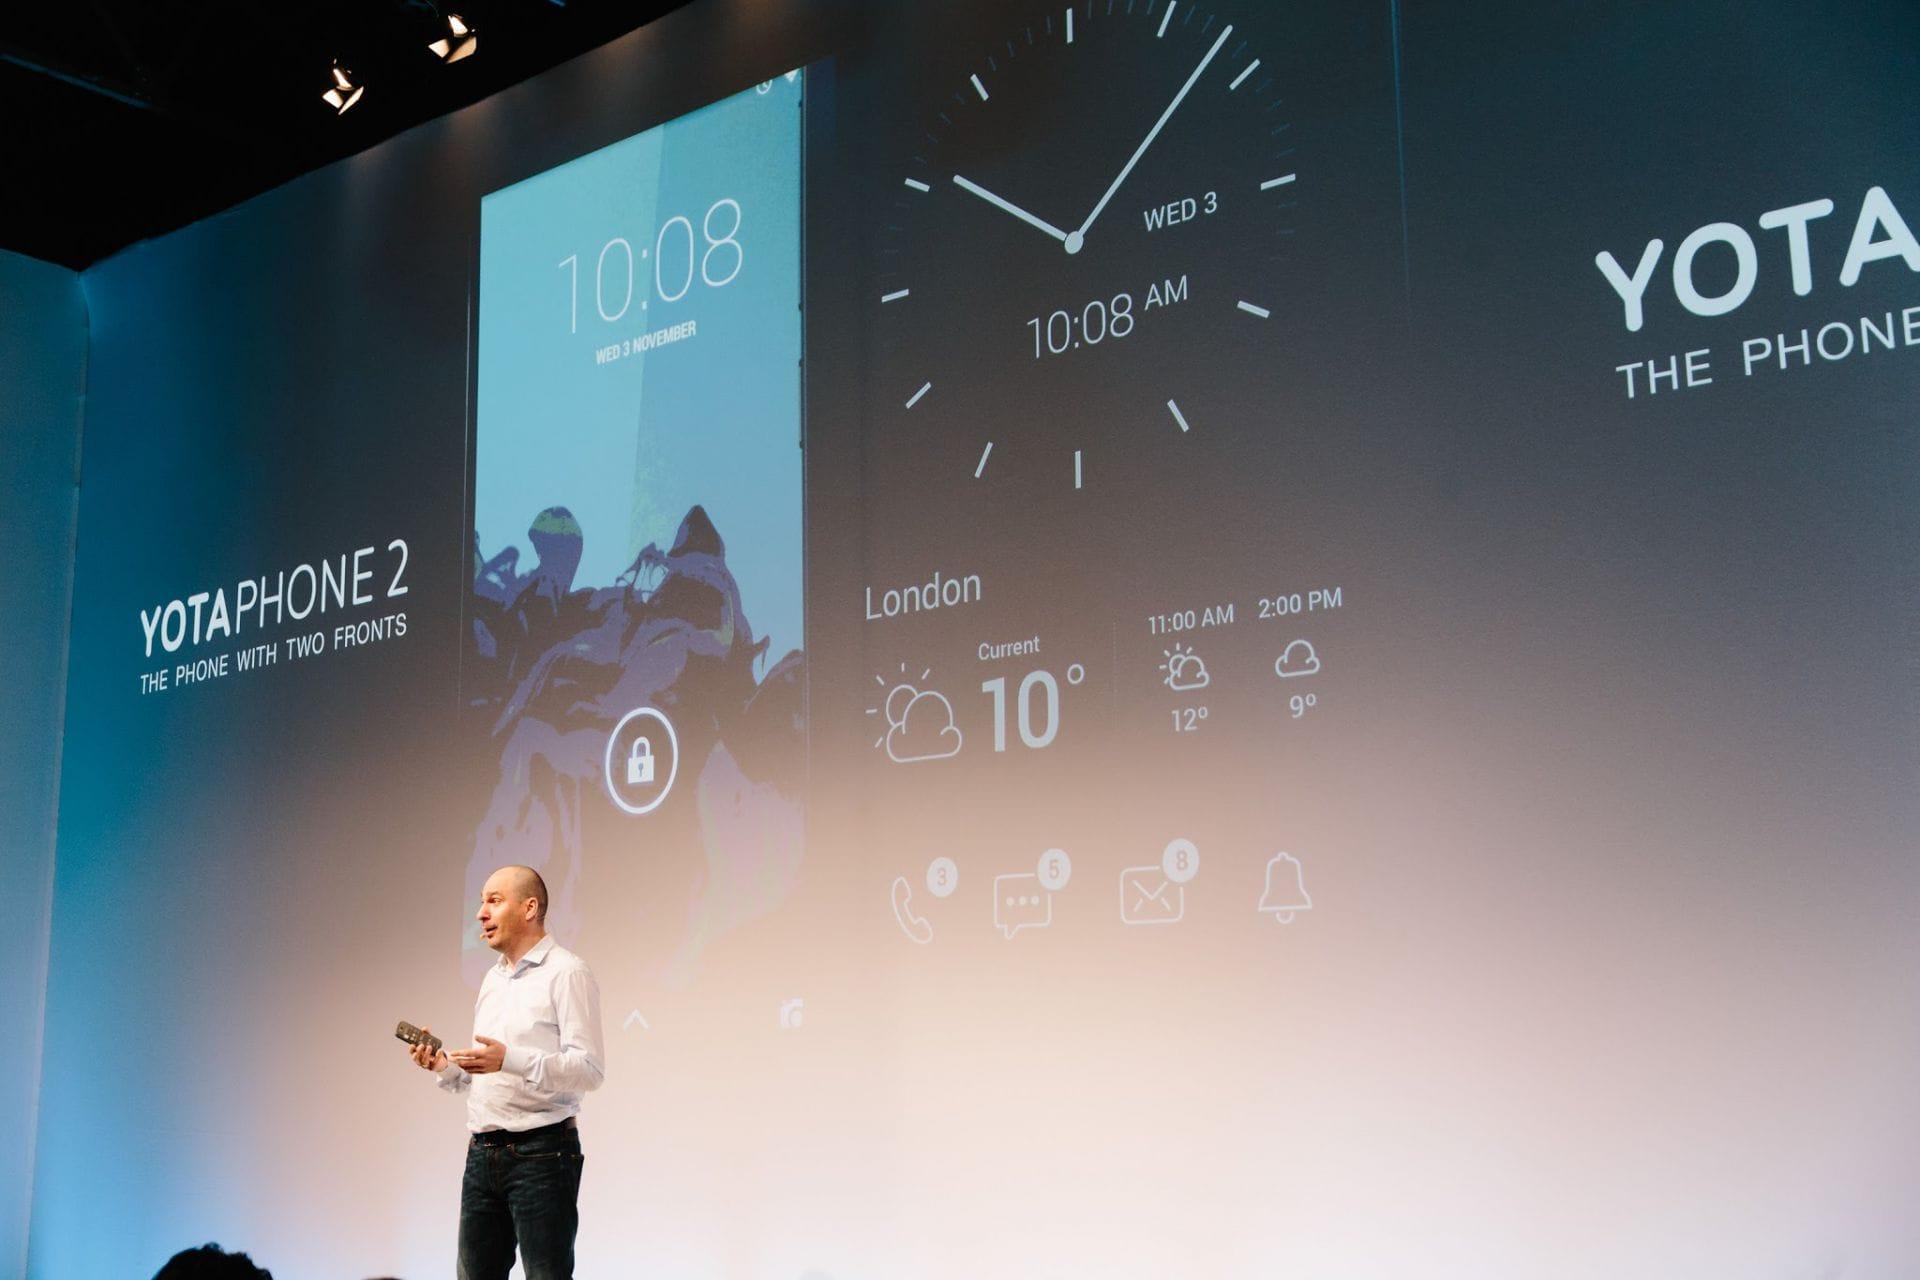 Русский смартфон YotaPhone продали китайцам